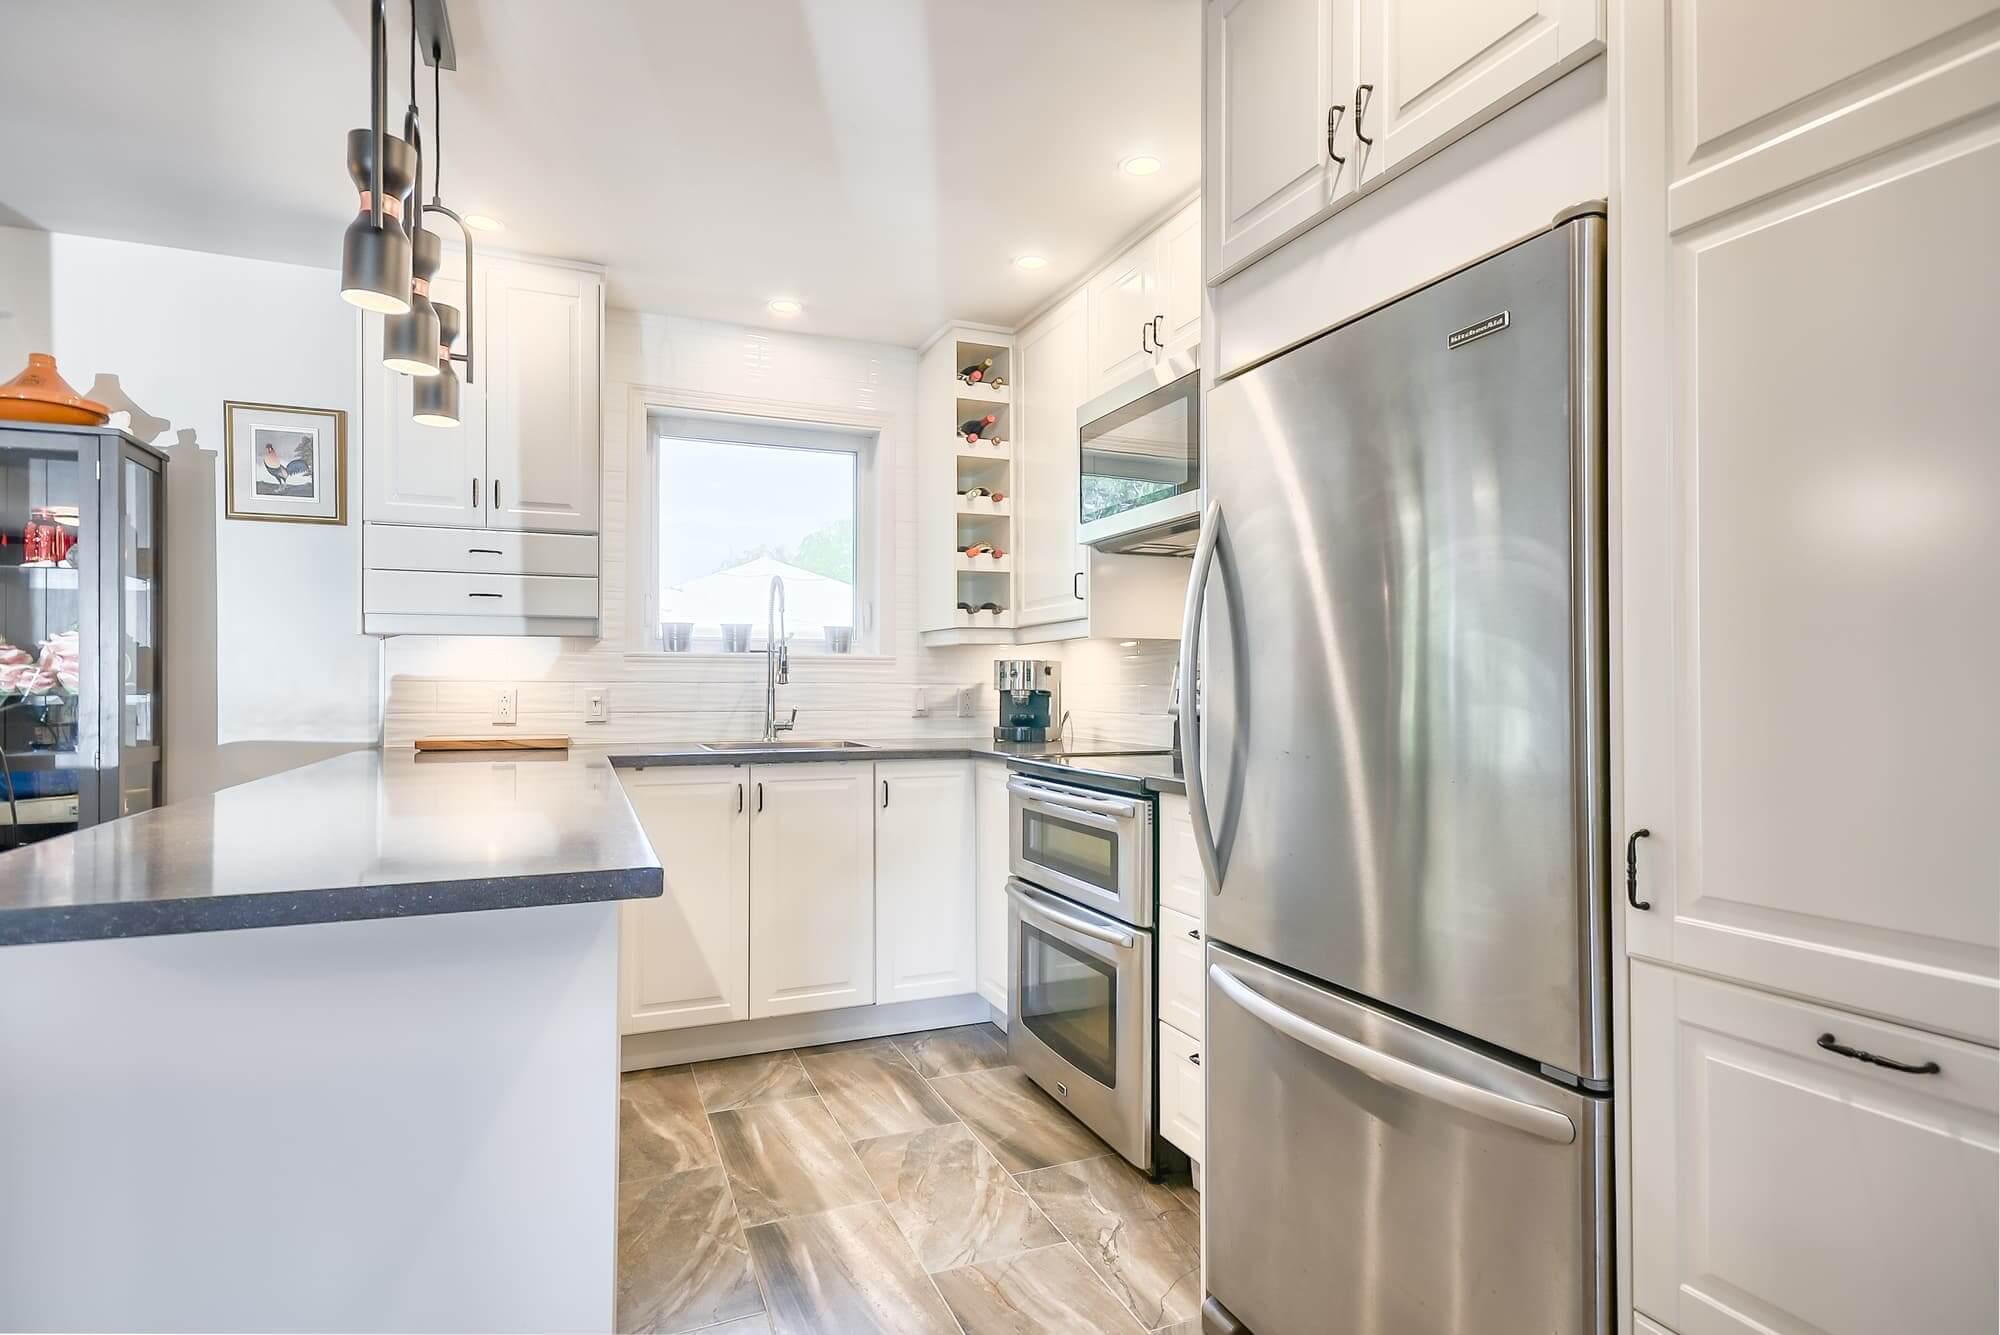 petite cuisine avec armoires blanches et comptoir en quartz gris foncé